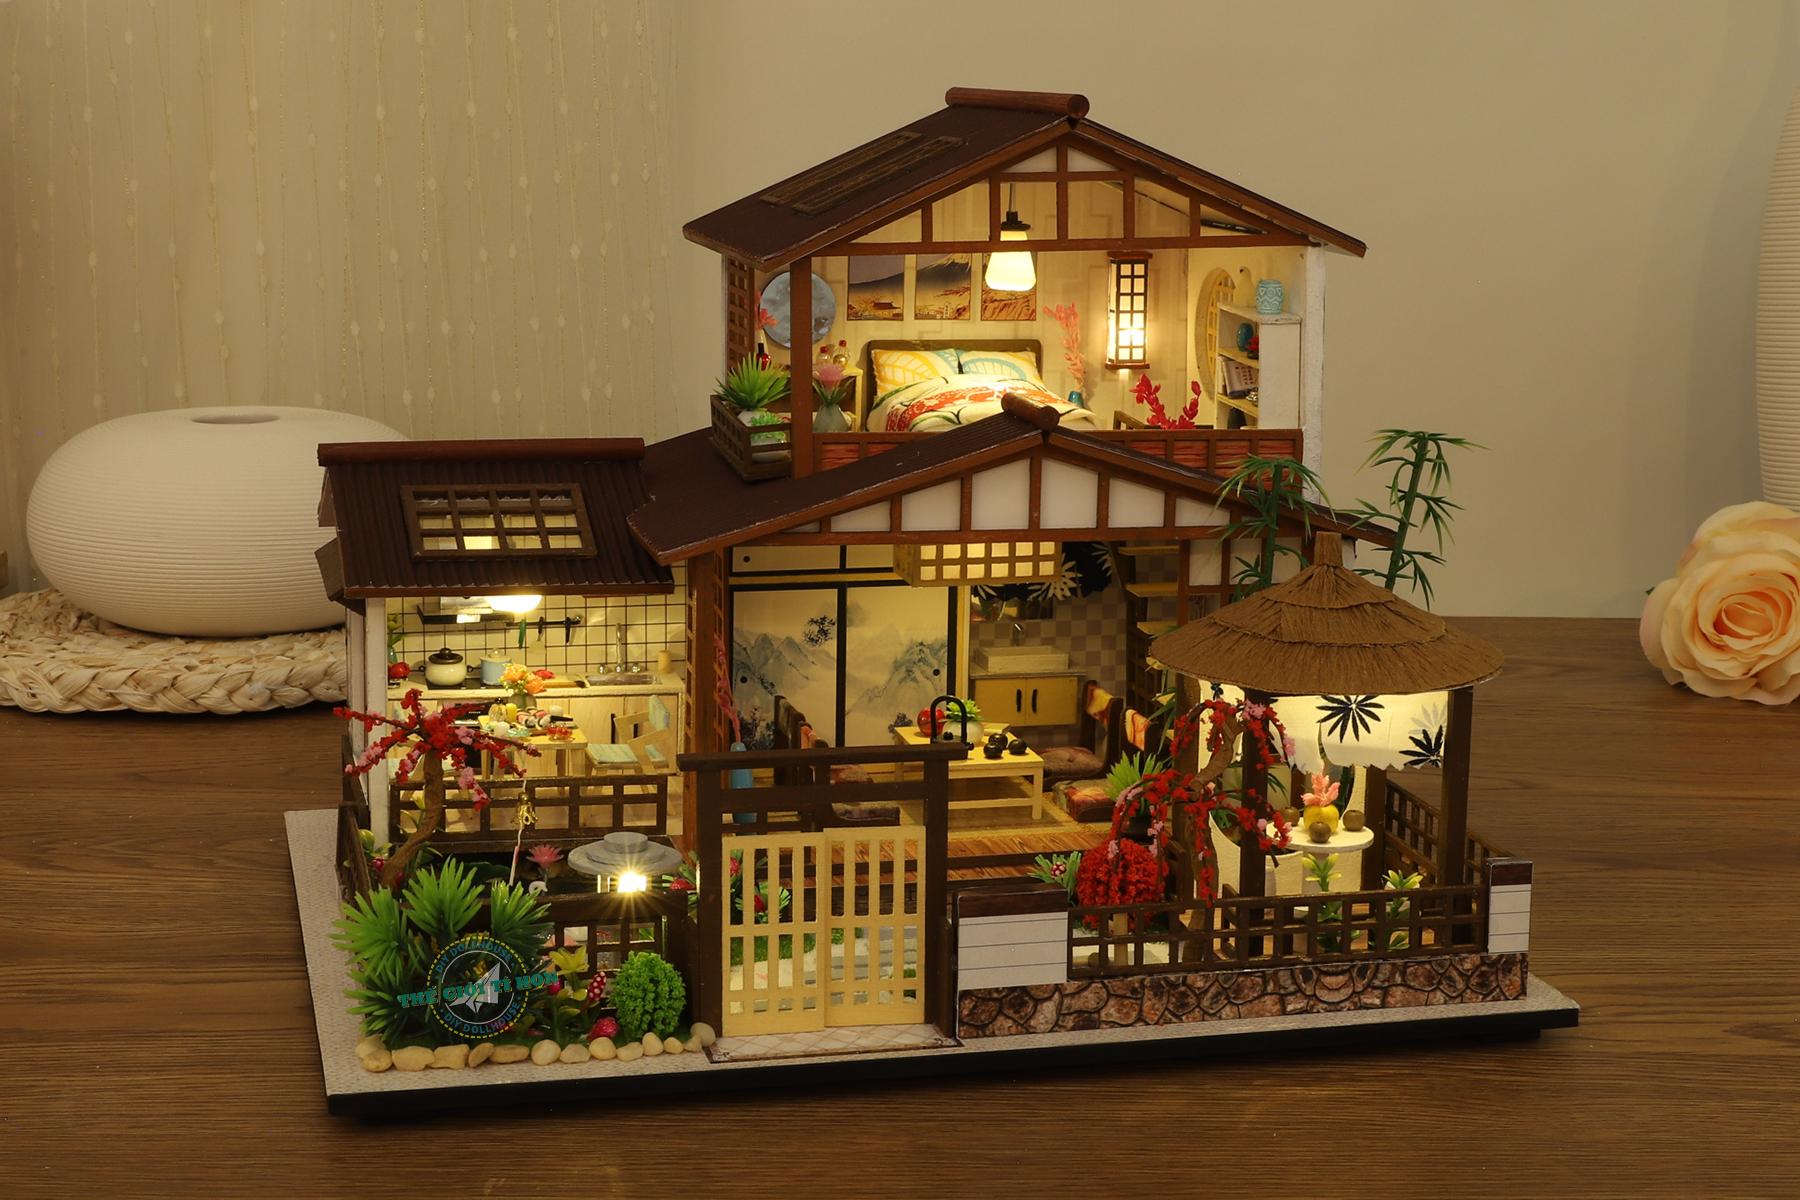 đồ chơi biệt thự nhà gỗ diy cổ trang nhật bản tự lắp ghép - P007 (2)